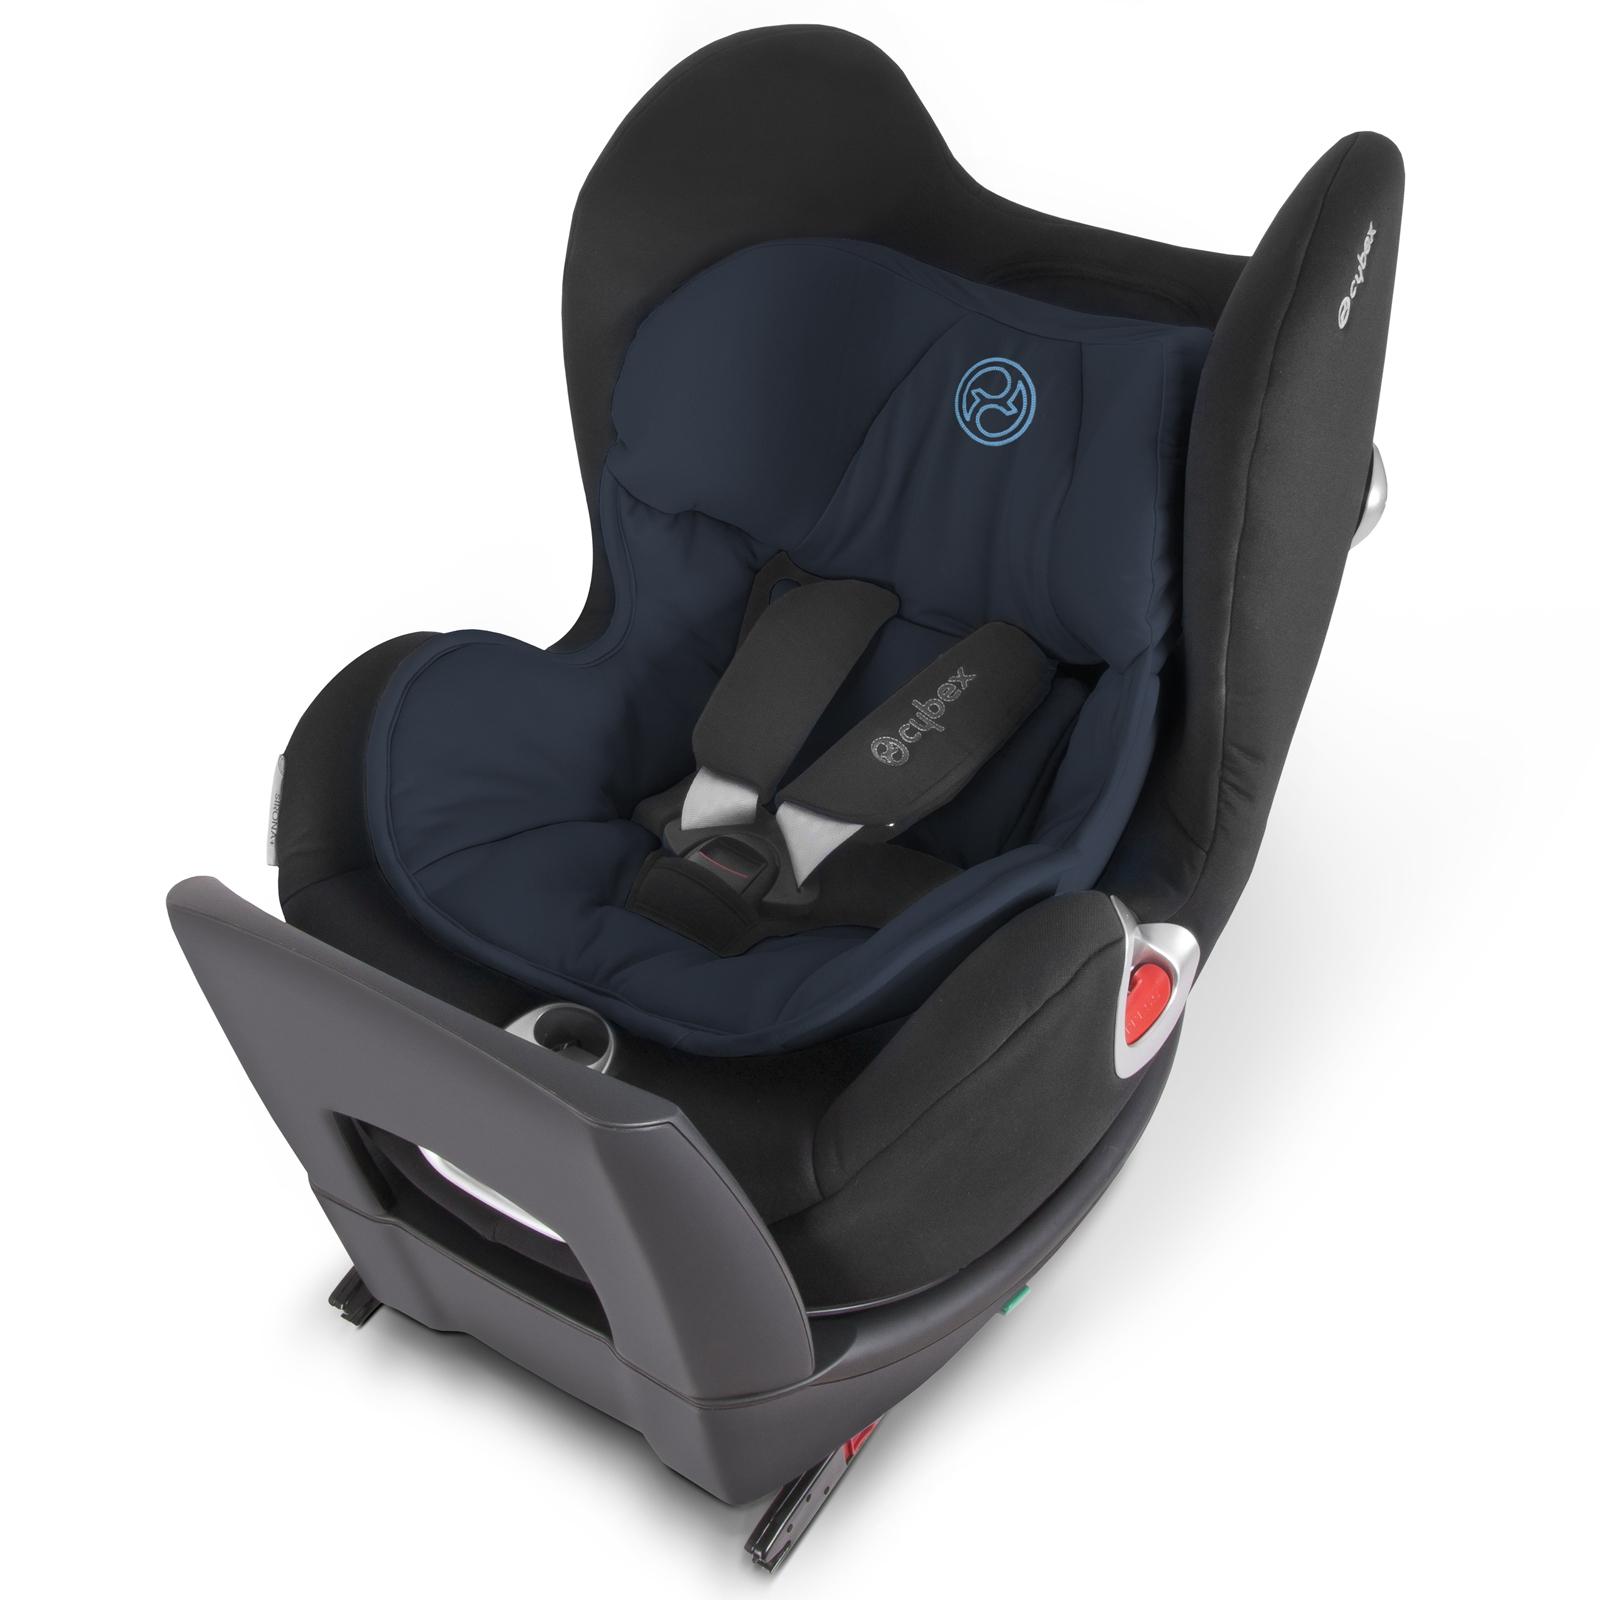 Вкладыш для новорожденного Cybex в автокресло Sirona Heavely blue